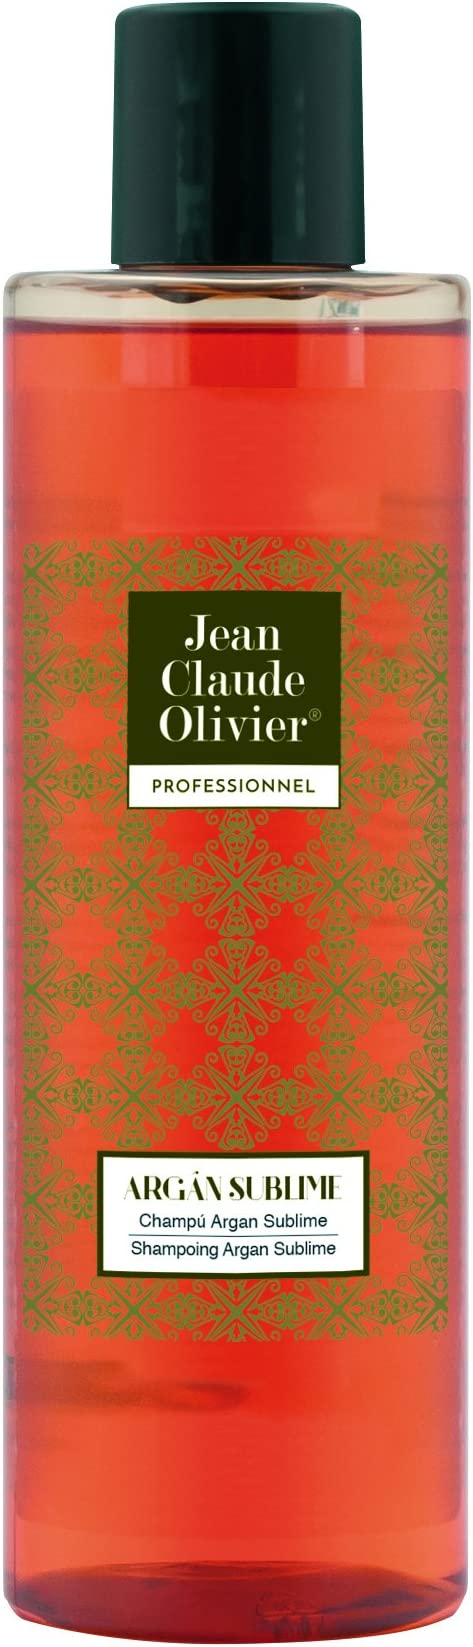 Amazon.es: JEAN CLAUDE OLIVIER: Aceite de Argán